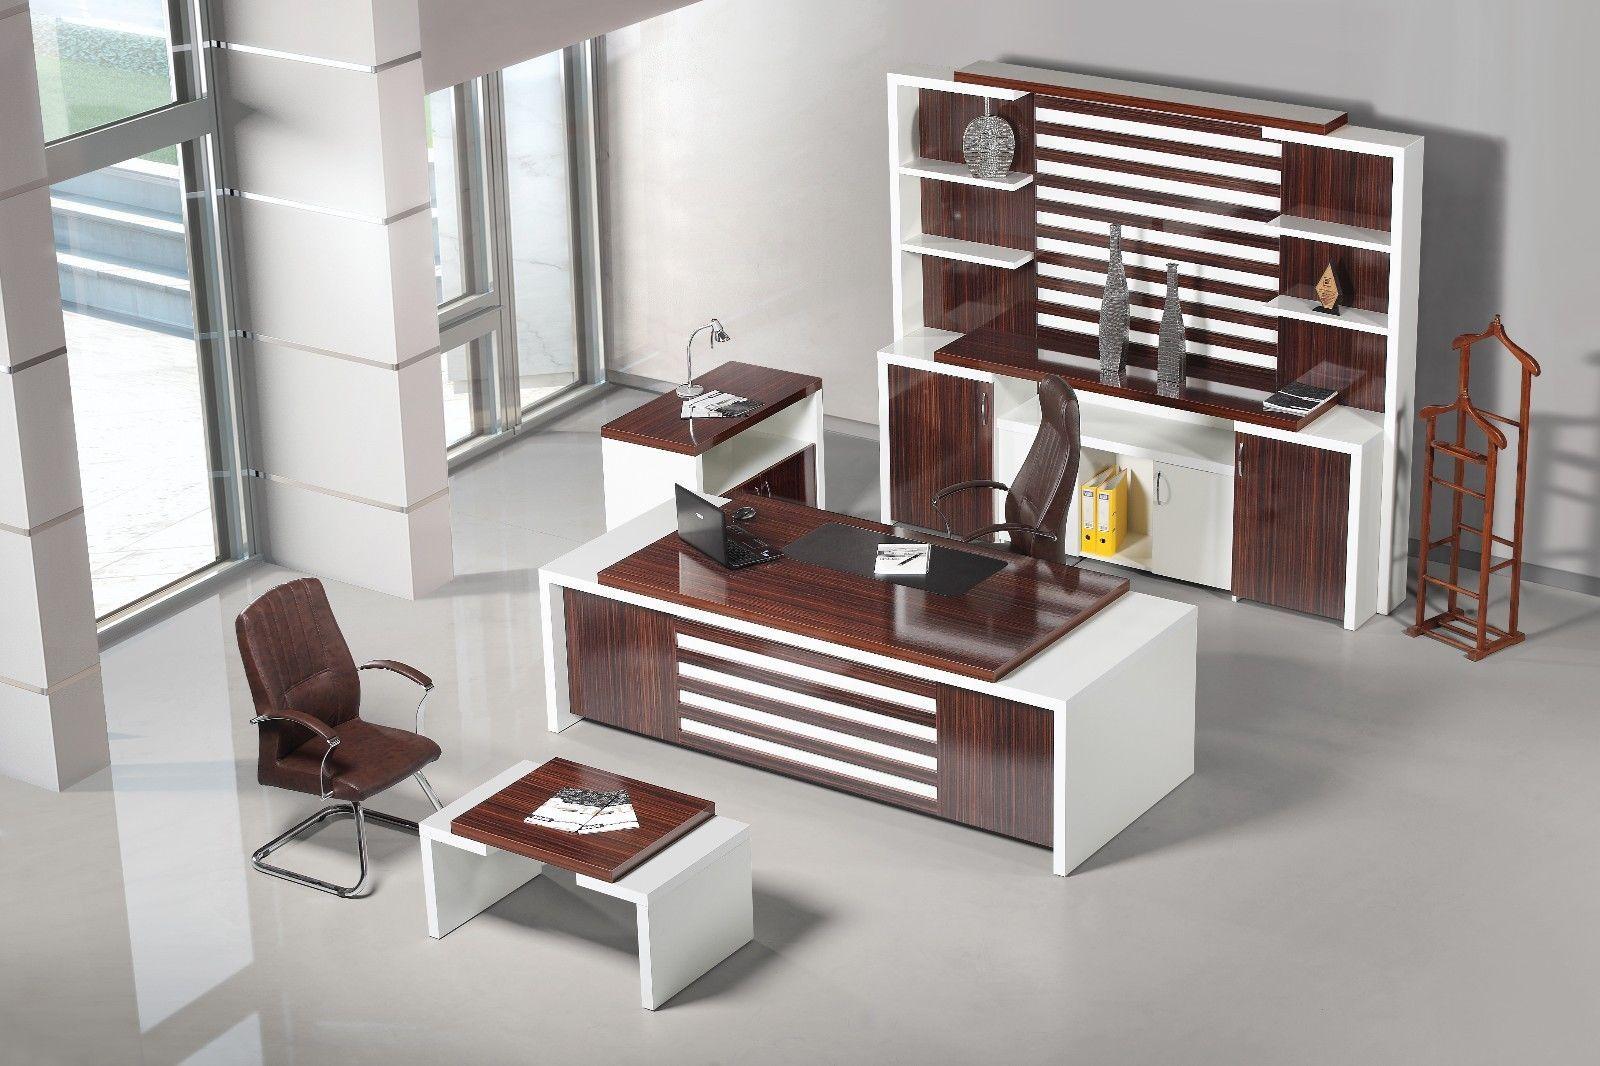 Design Badezimmerschrank ~ Büromöbel tisch schrank büro komplett set design möbel preiswert